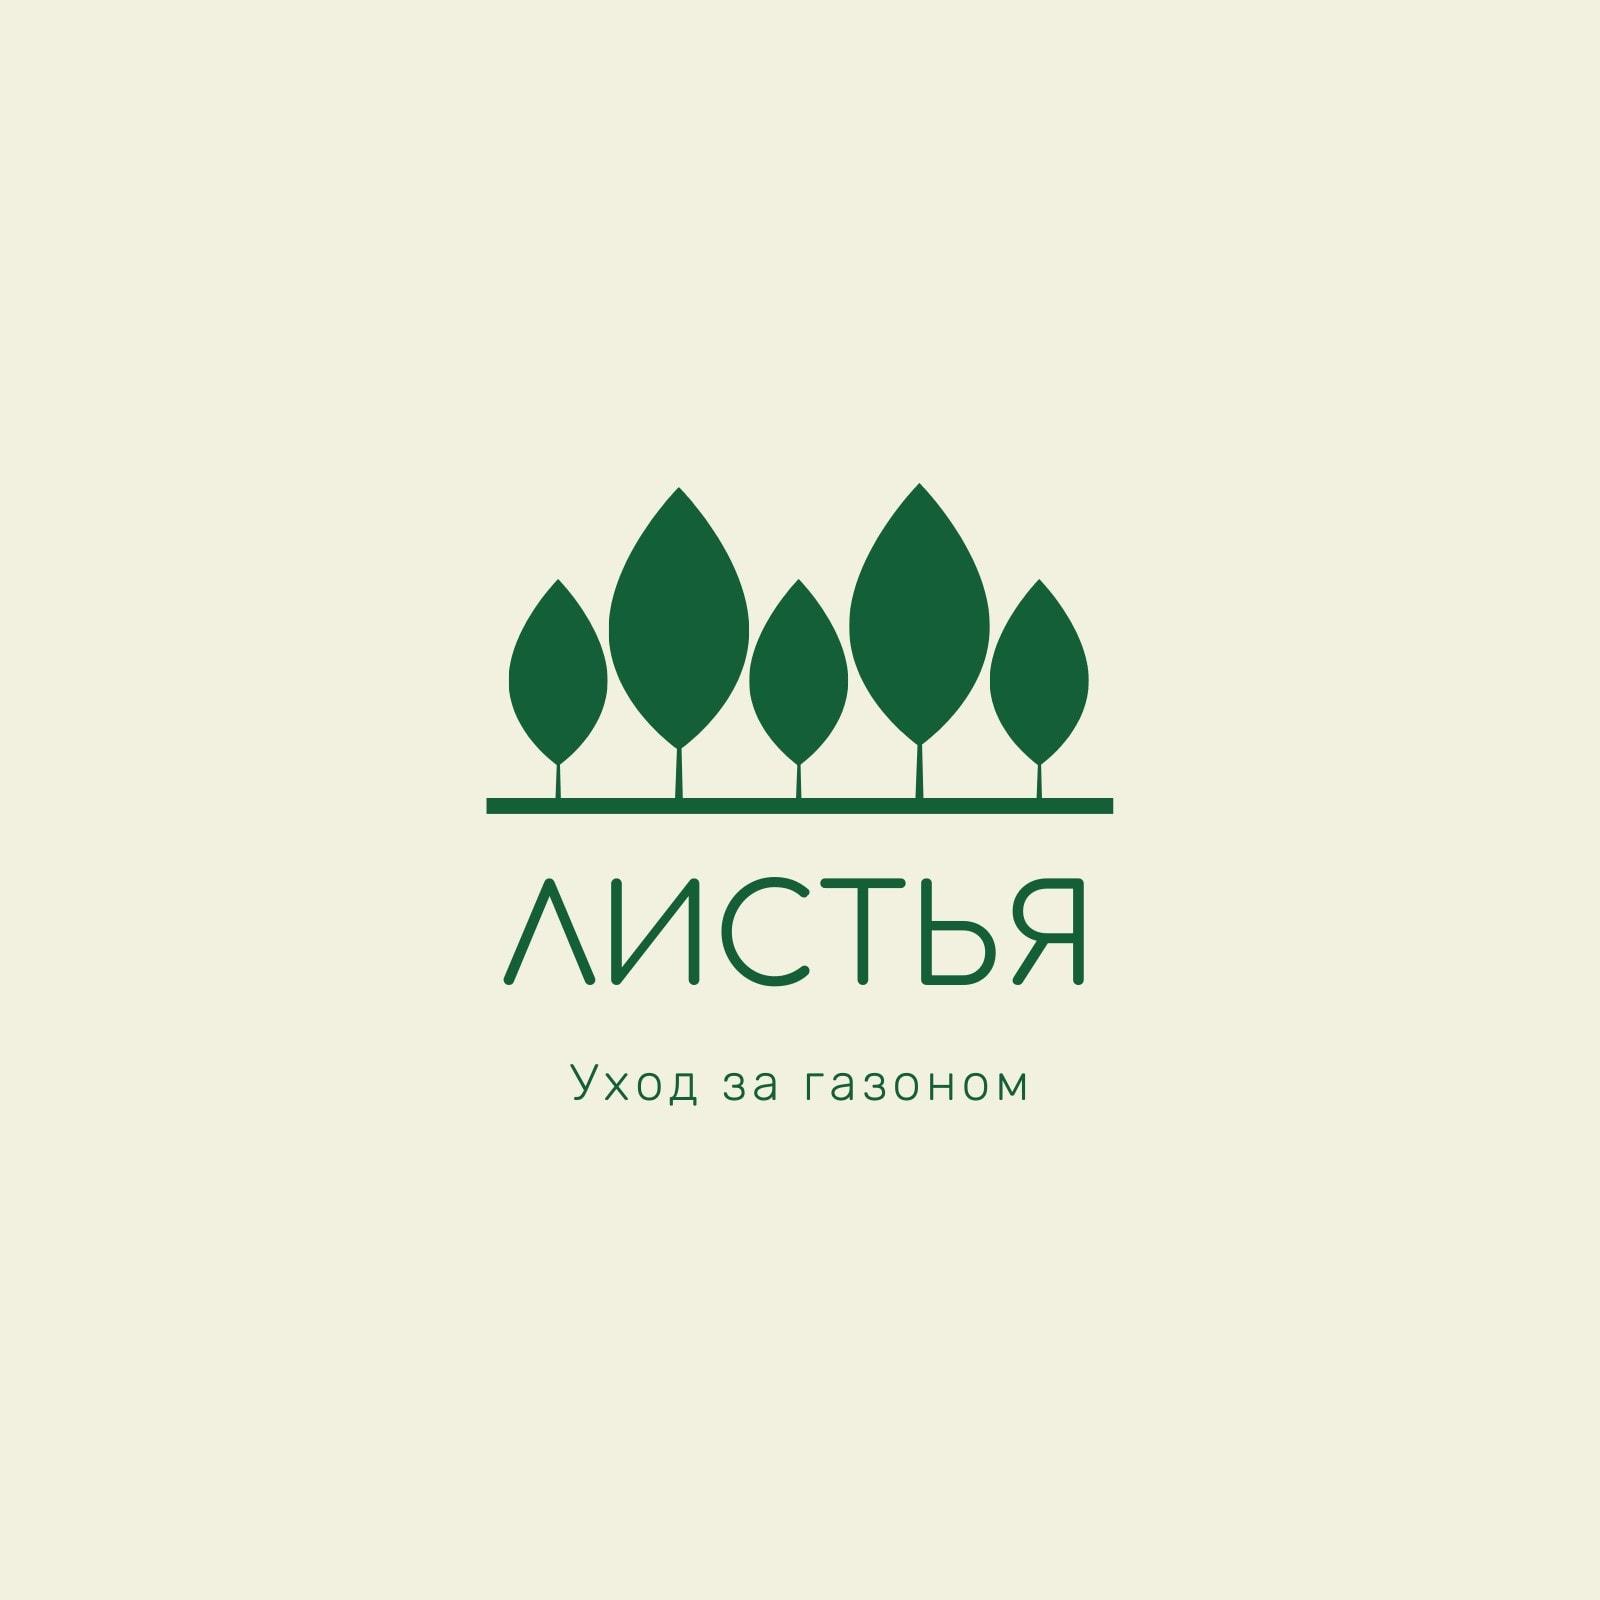 Зеленый и Кремовый Листья Ландшафтный Дизайн Логотип